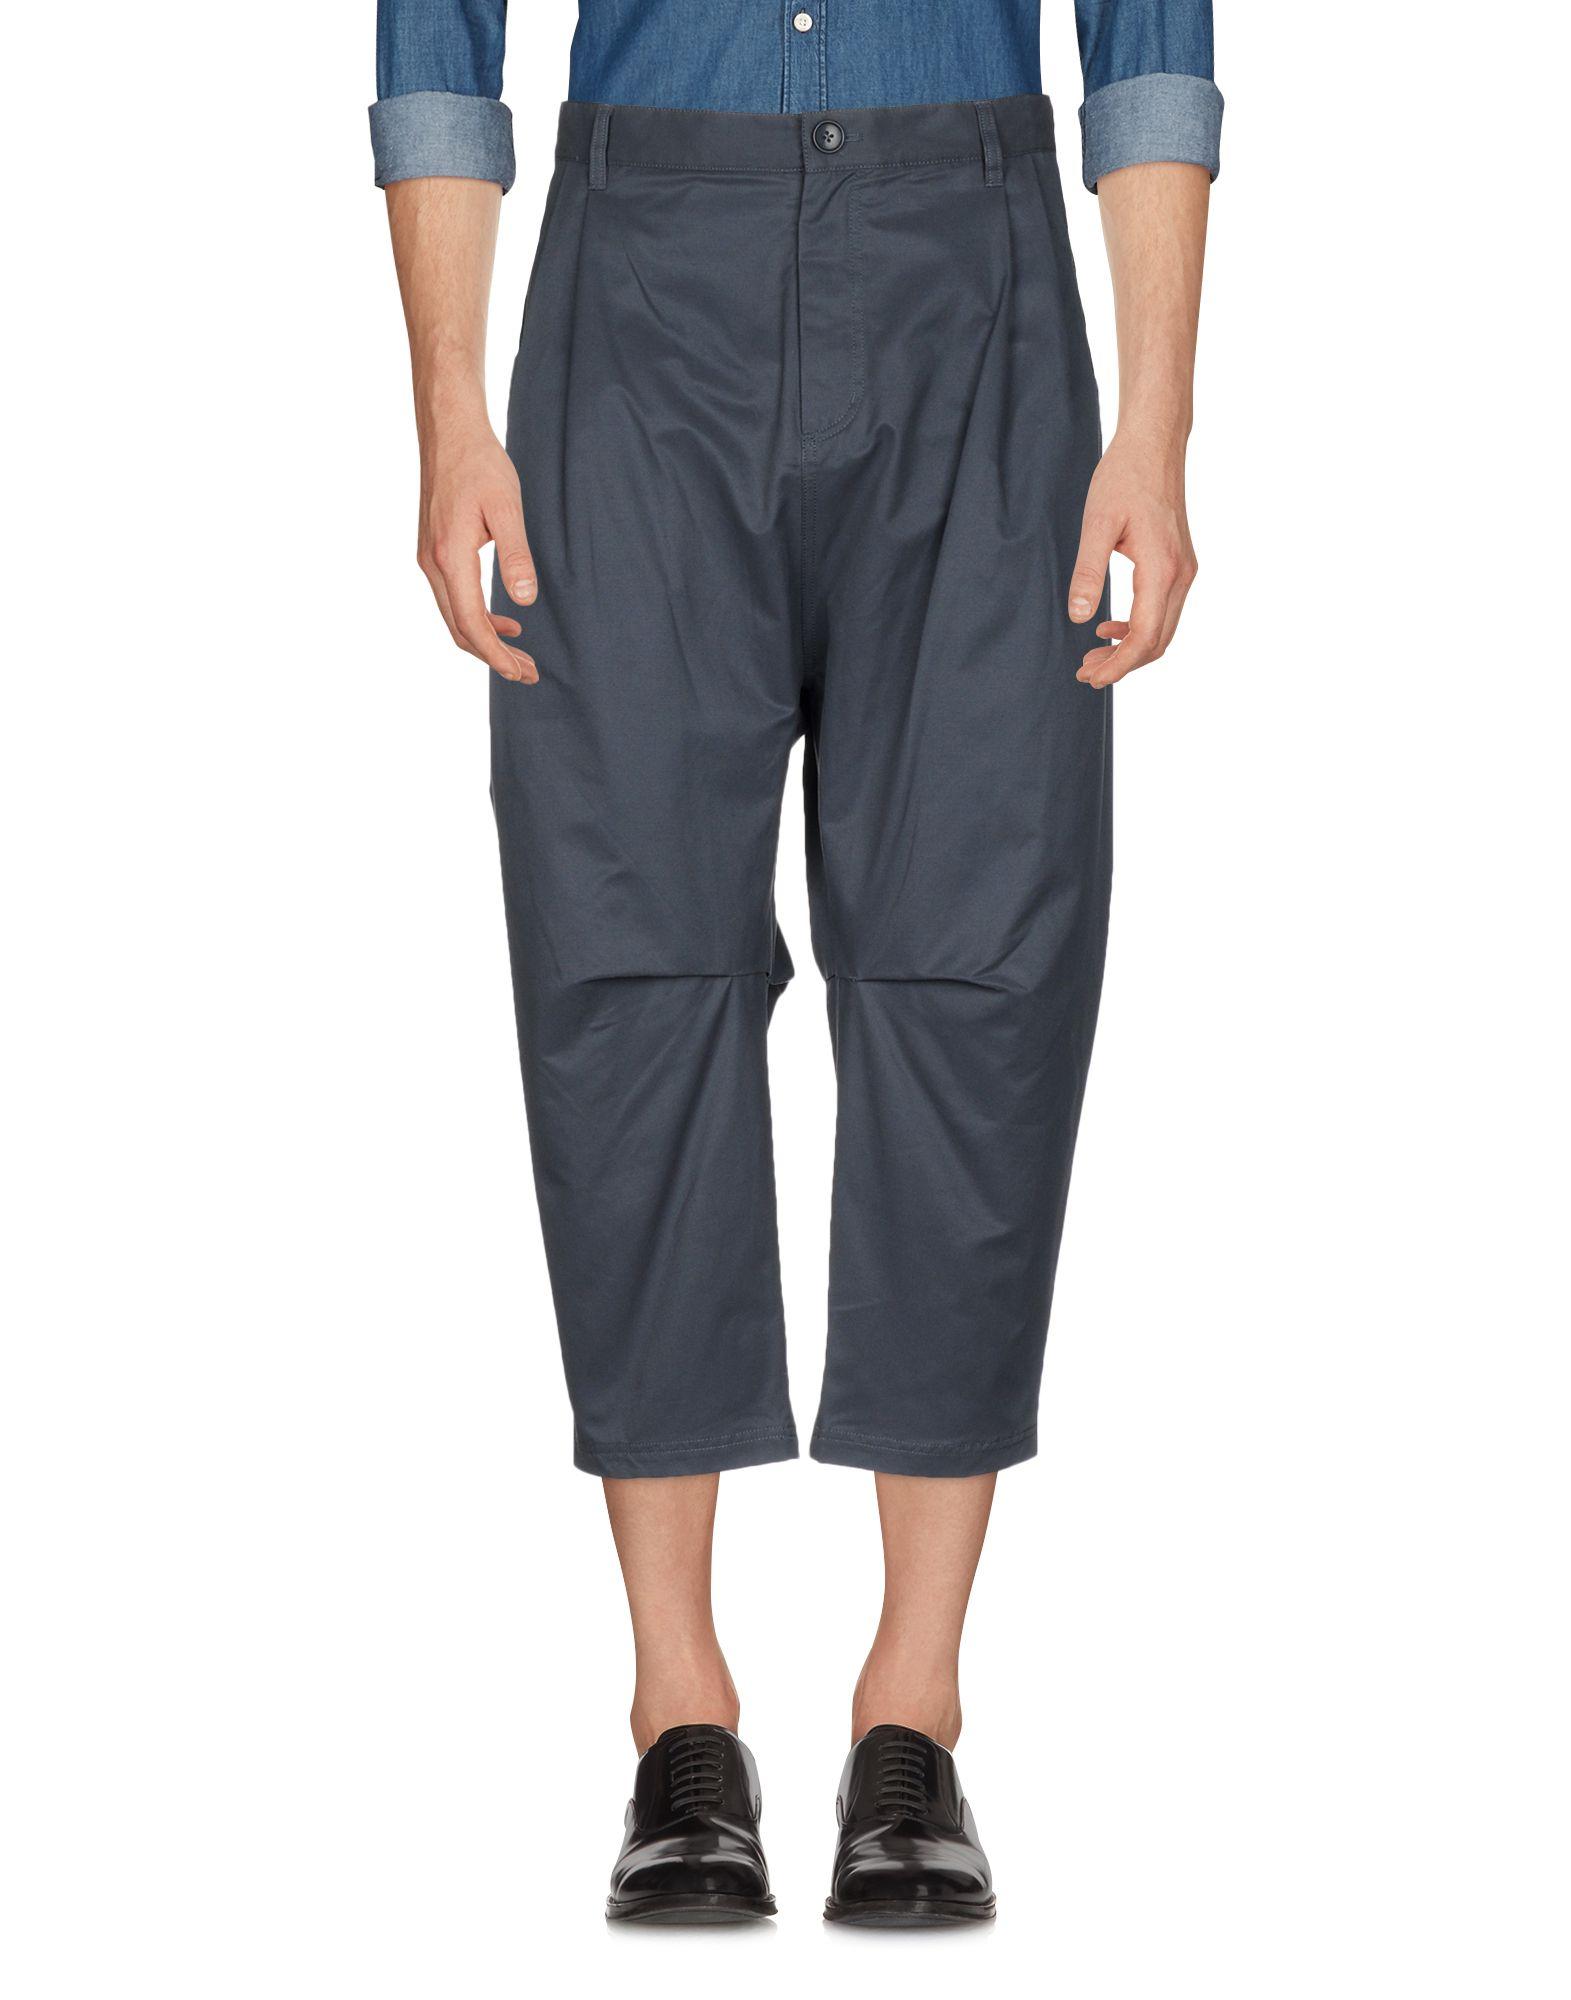 Pantalone Capri Adidas Originals Uomo - Acquista online su